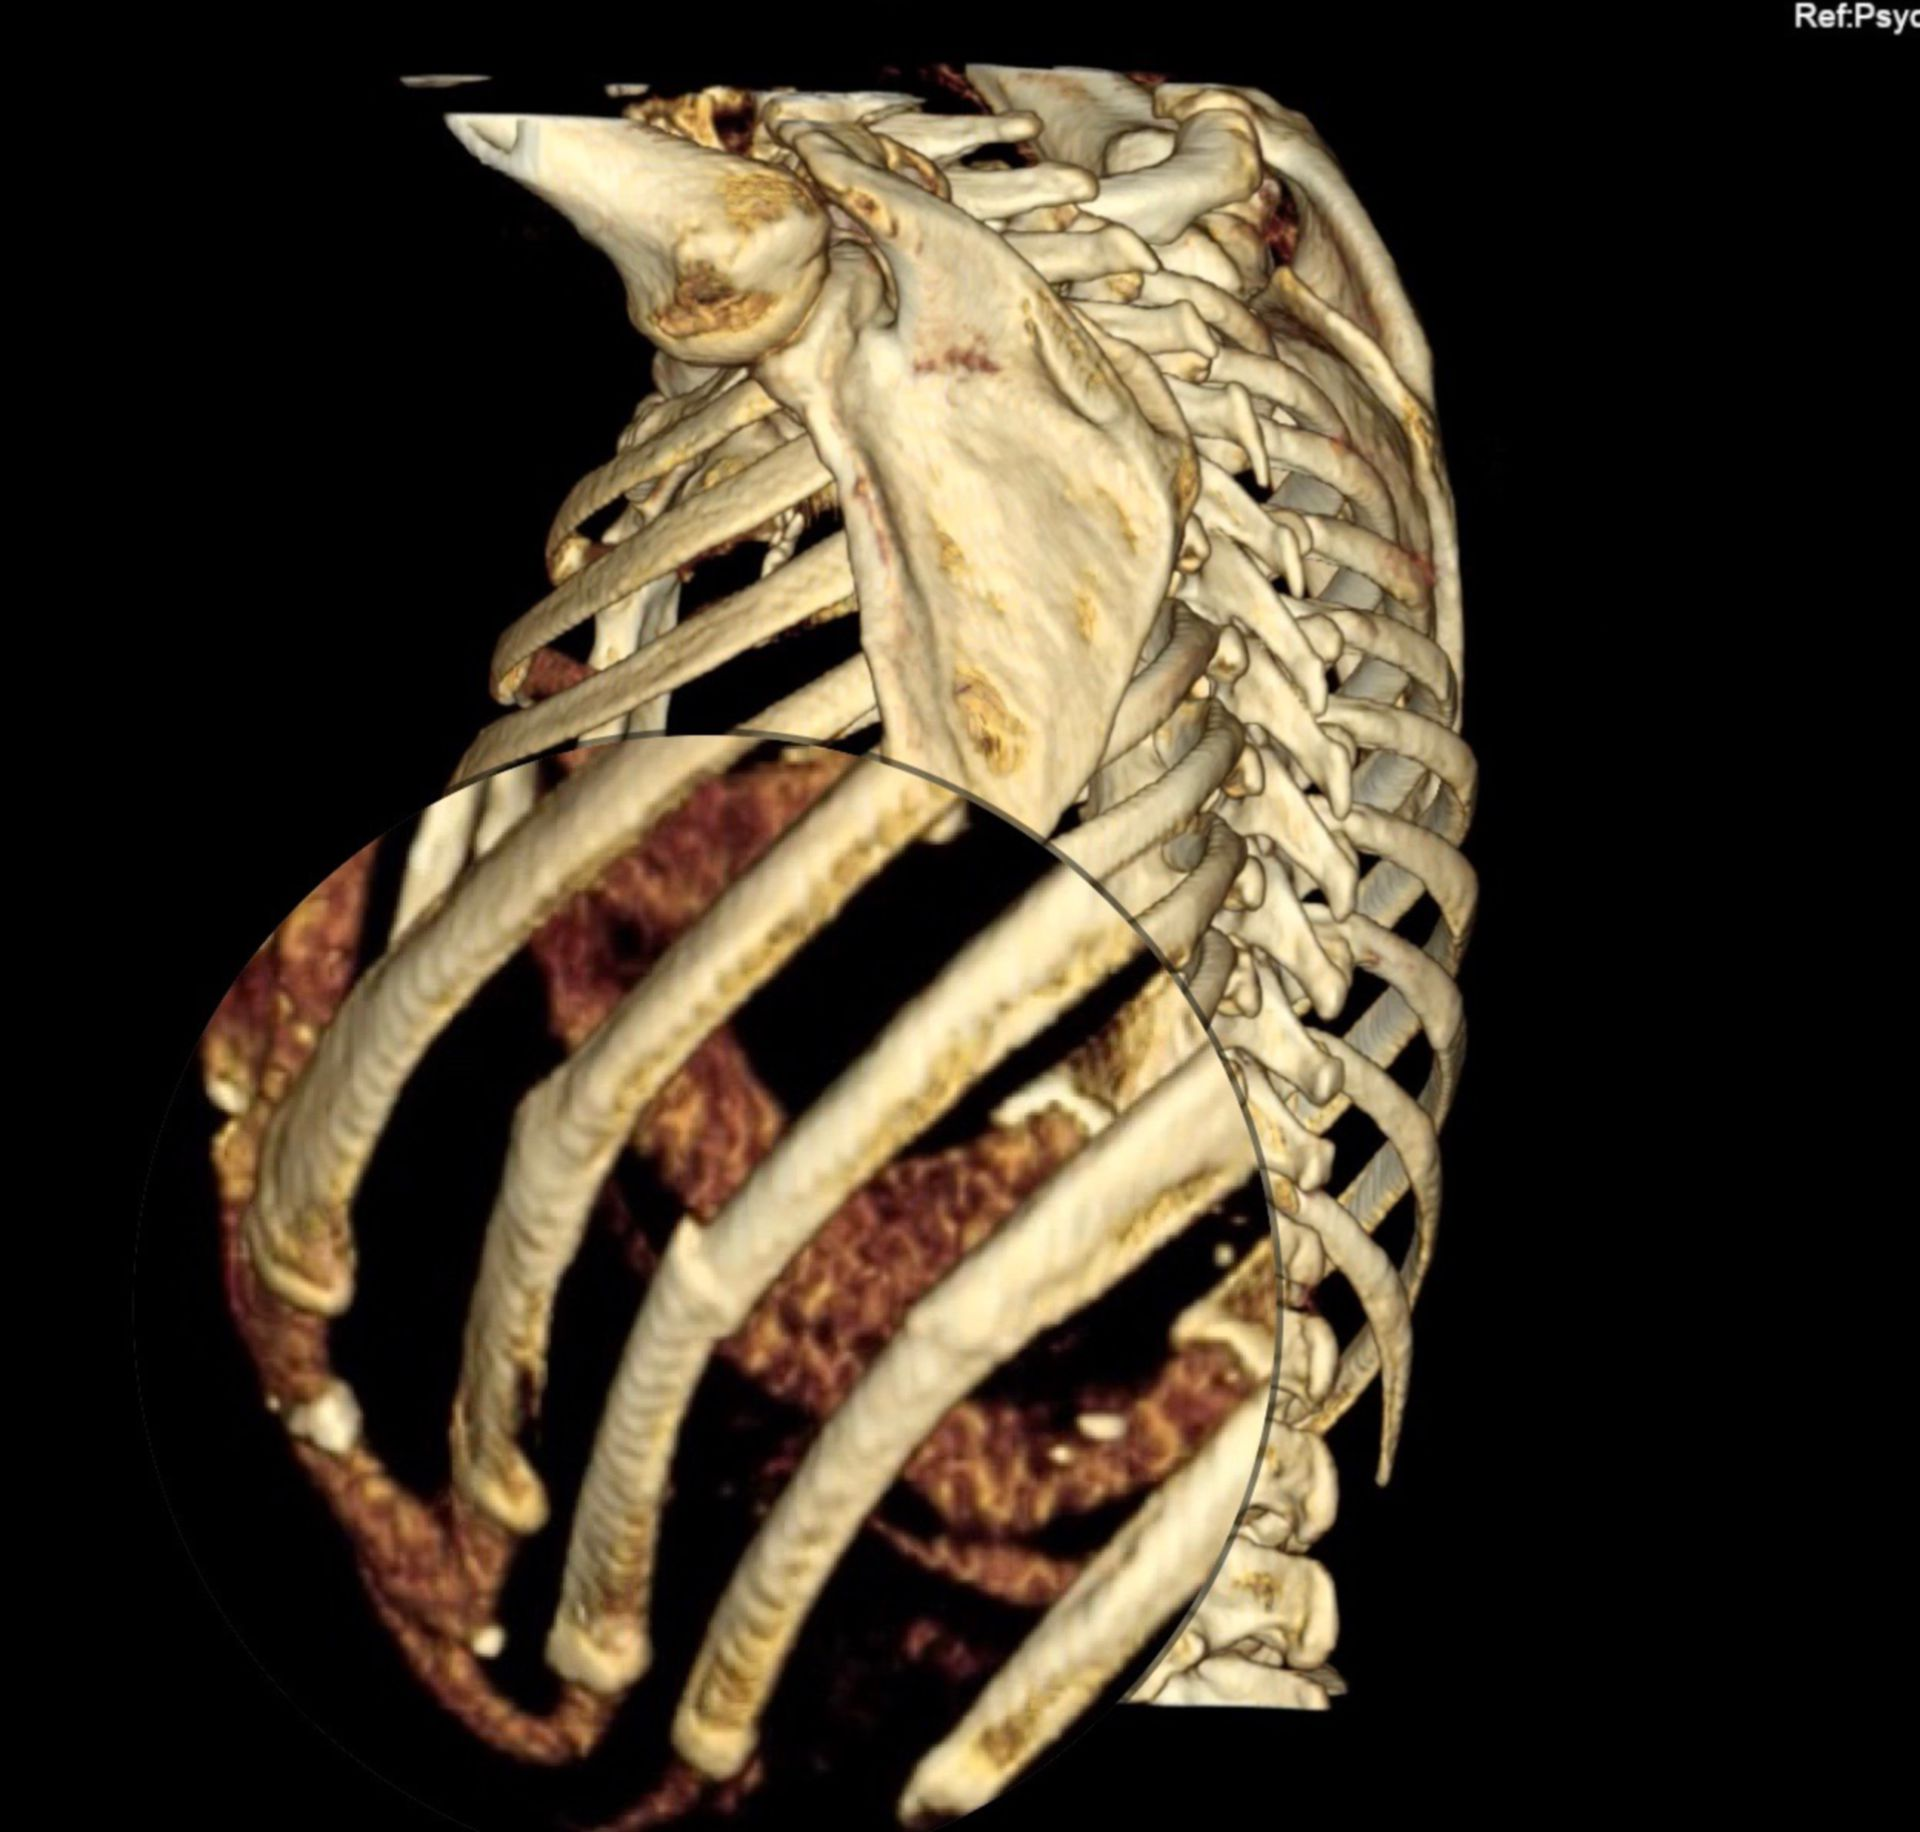 3D-Rekonstruktion einer CT des Thorax mit Ansicht von lateral mit Rippenfraktur